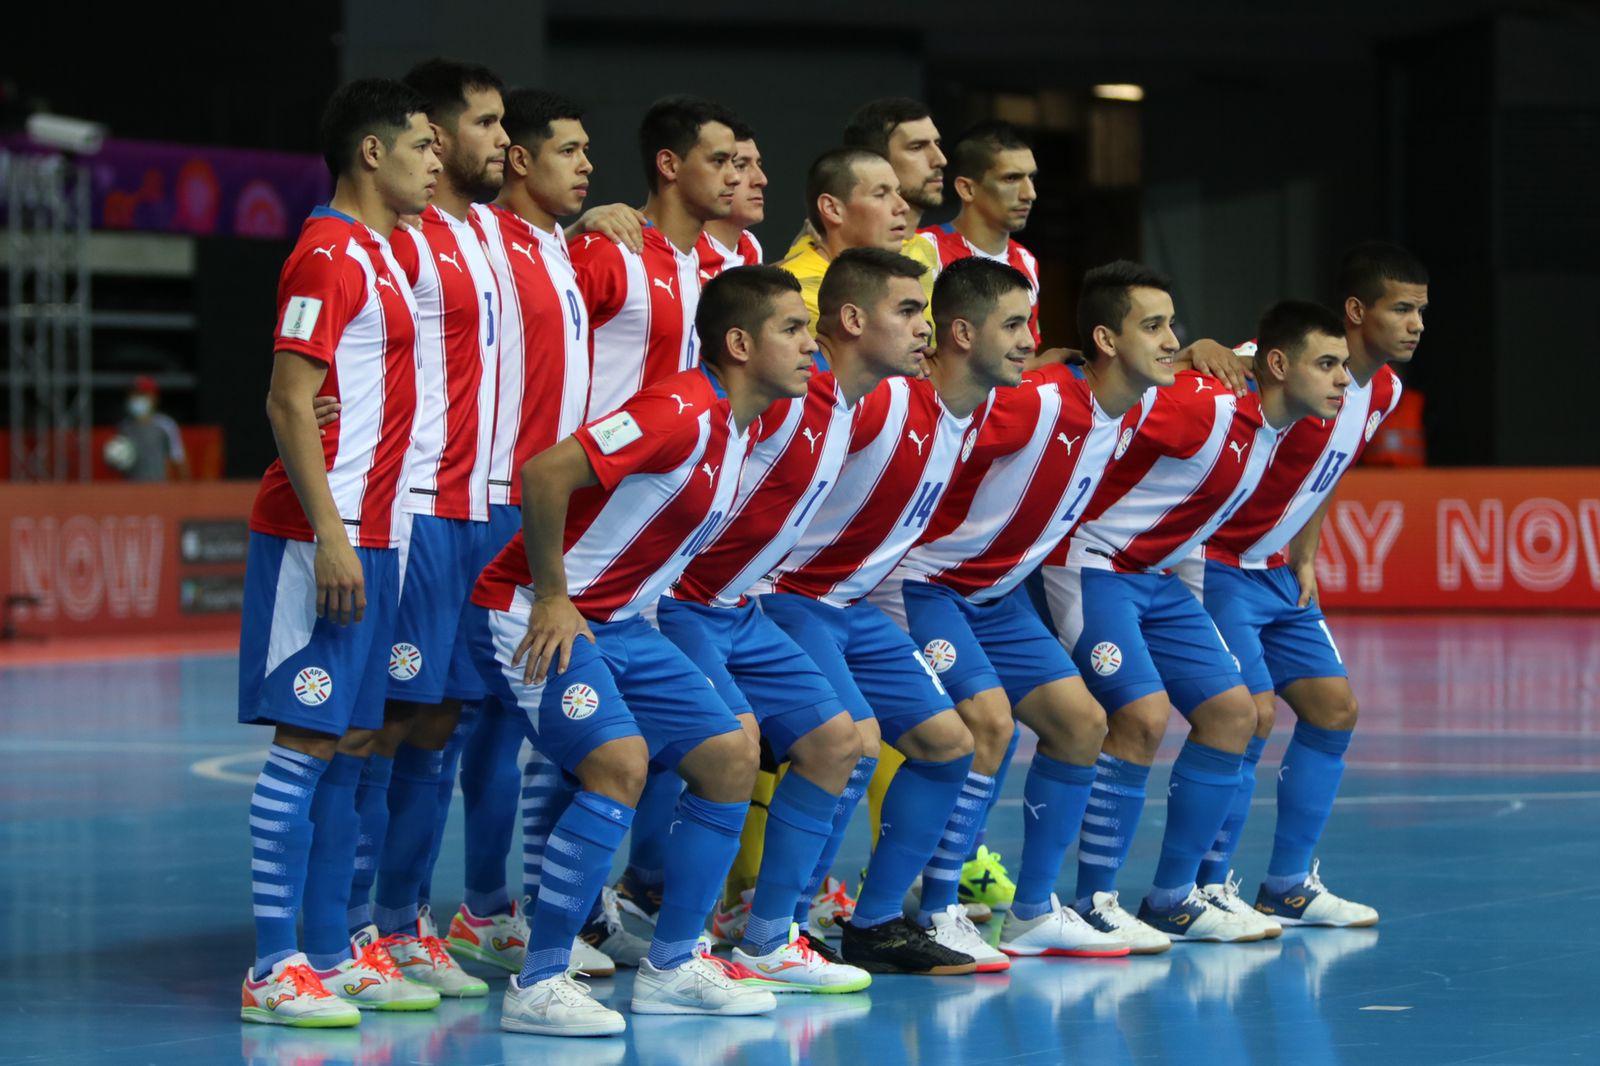 La Selección Paraguaya de Futsal enfrenta hoy a Japón en el Mundial de Futsal FIFA